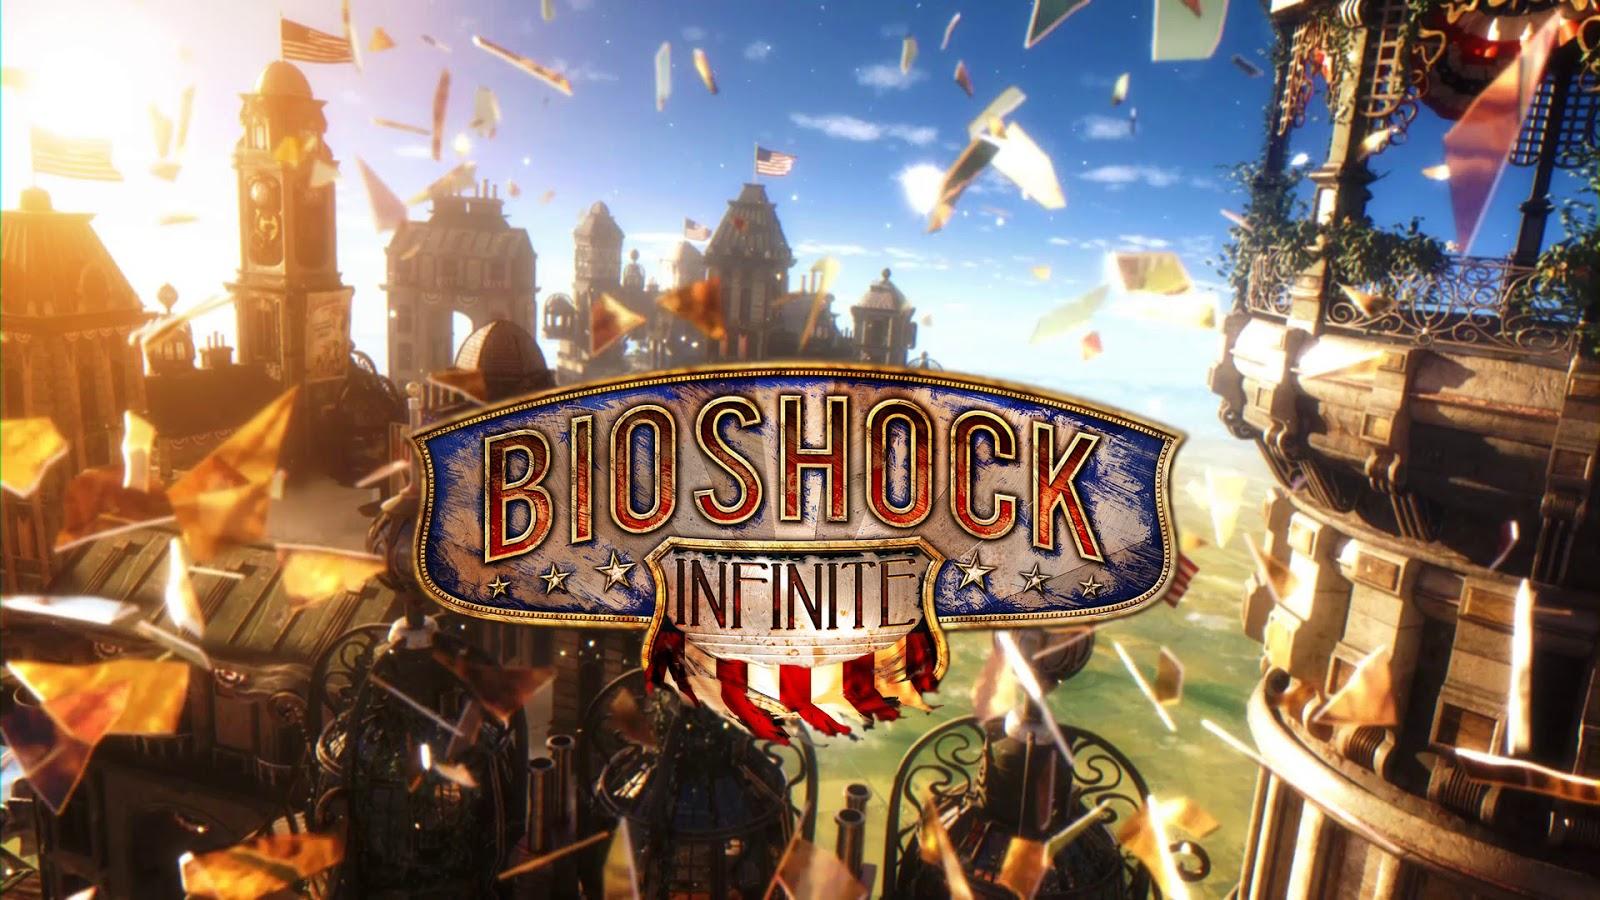 Bioschock: Infinite